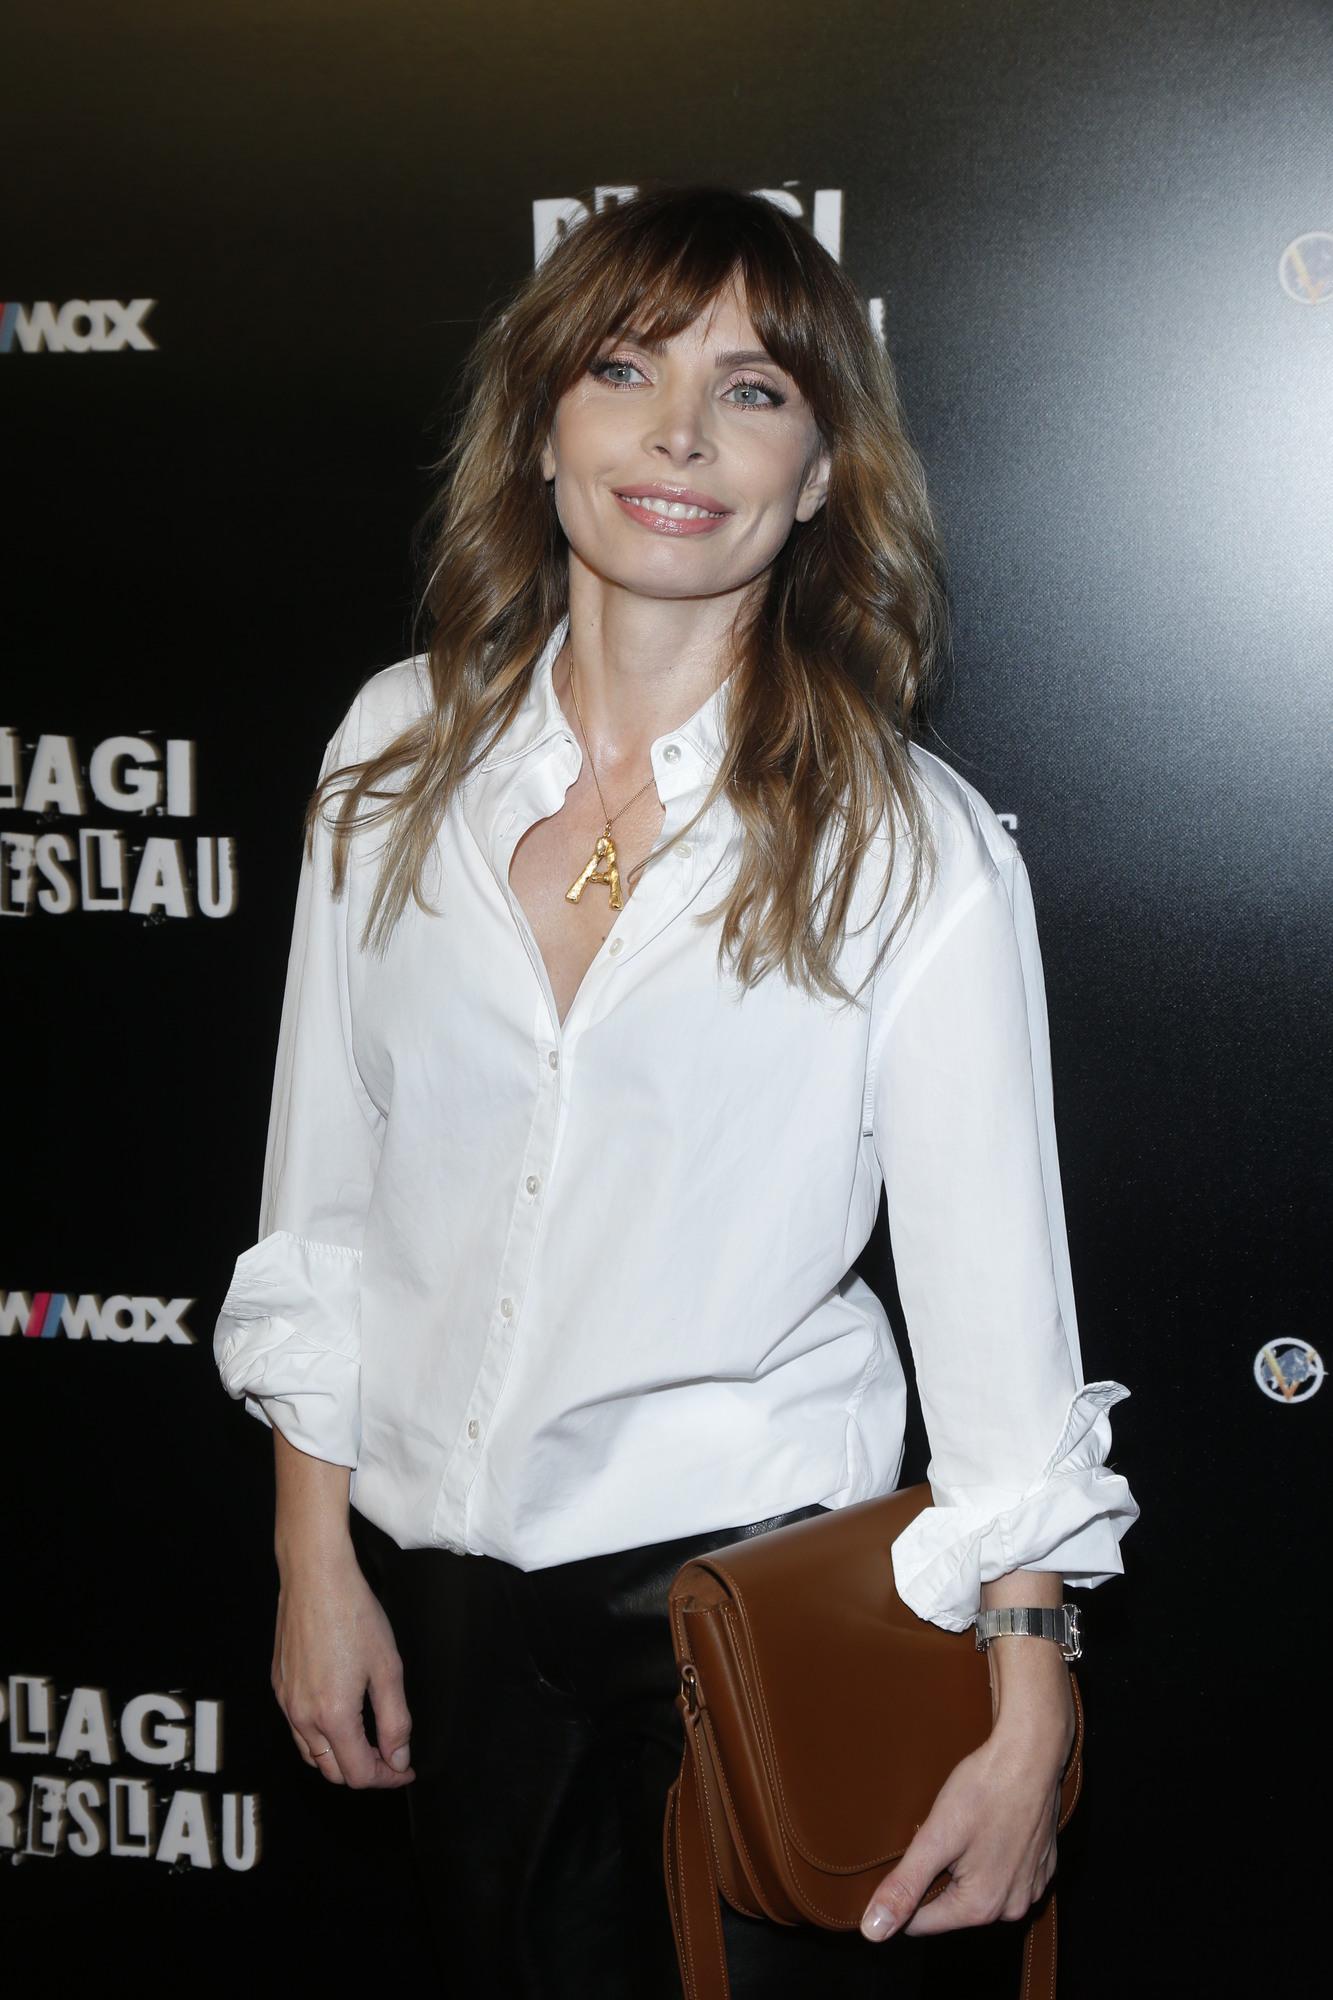 Kożuchowska w SEKSOWNEJ mini i inne gwiazdy na premierze filmu Plagi Breslau